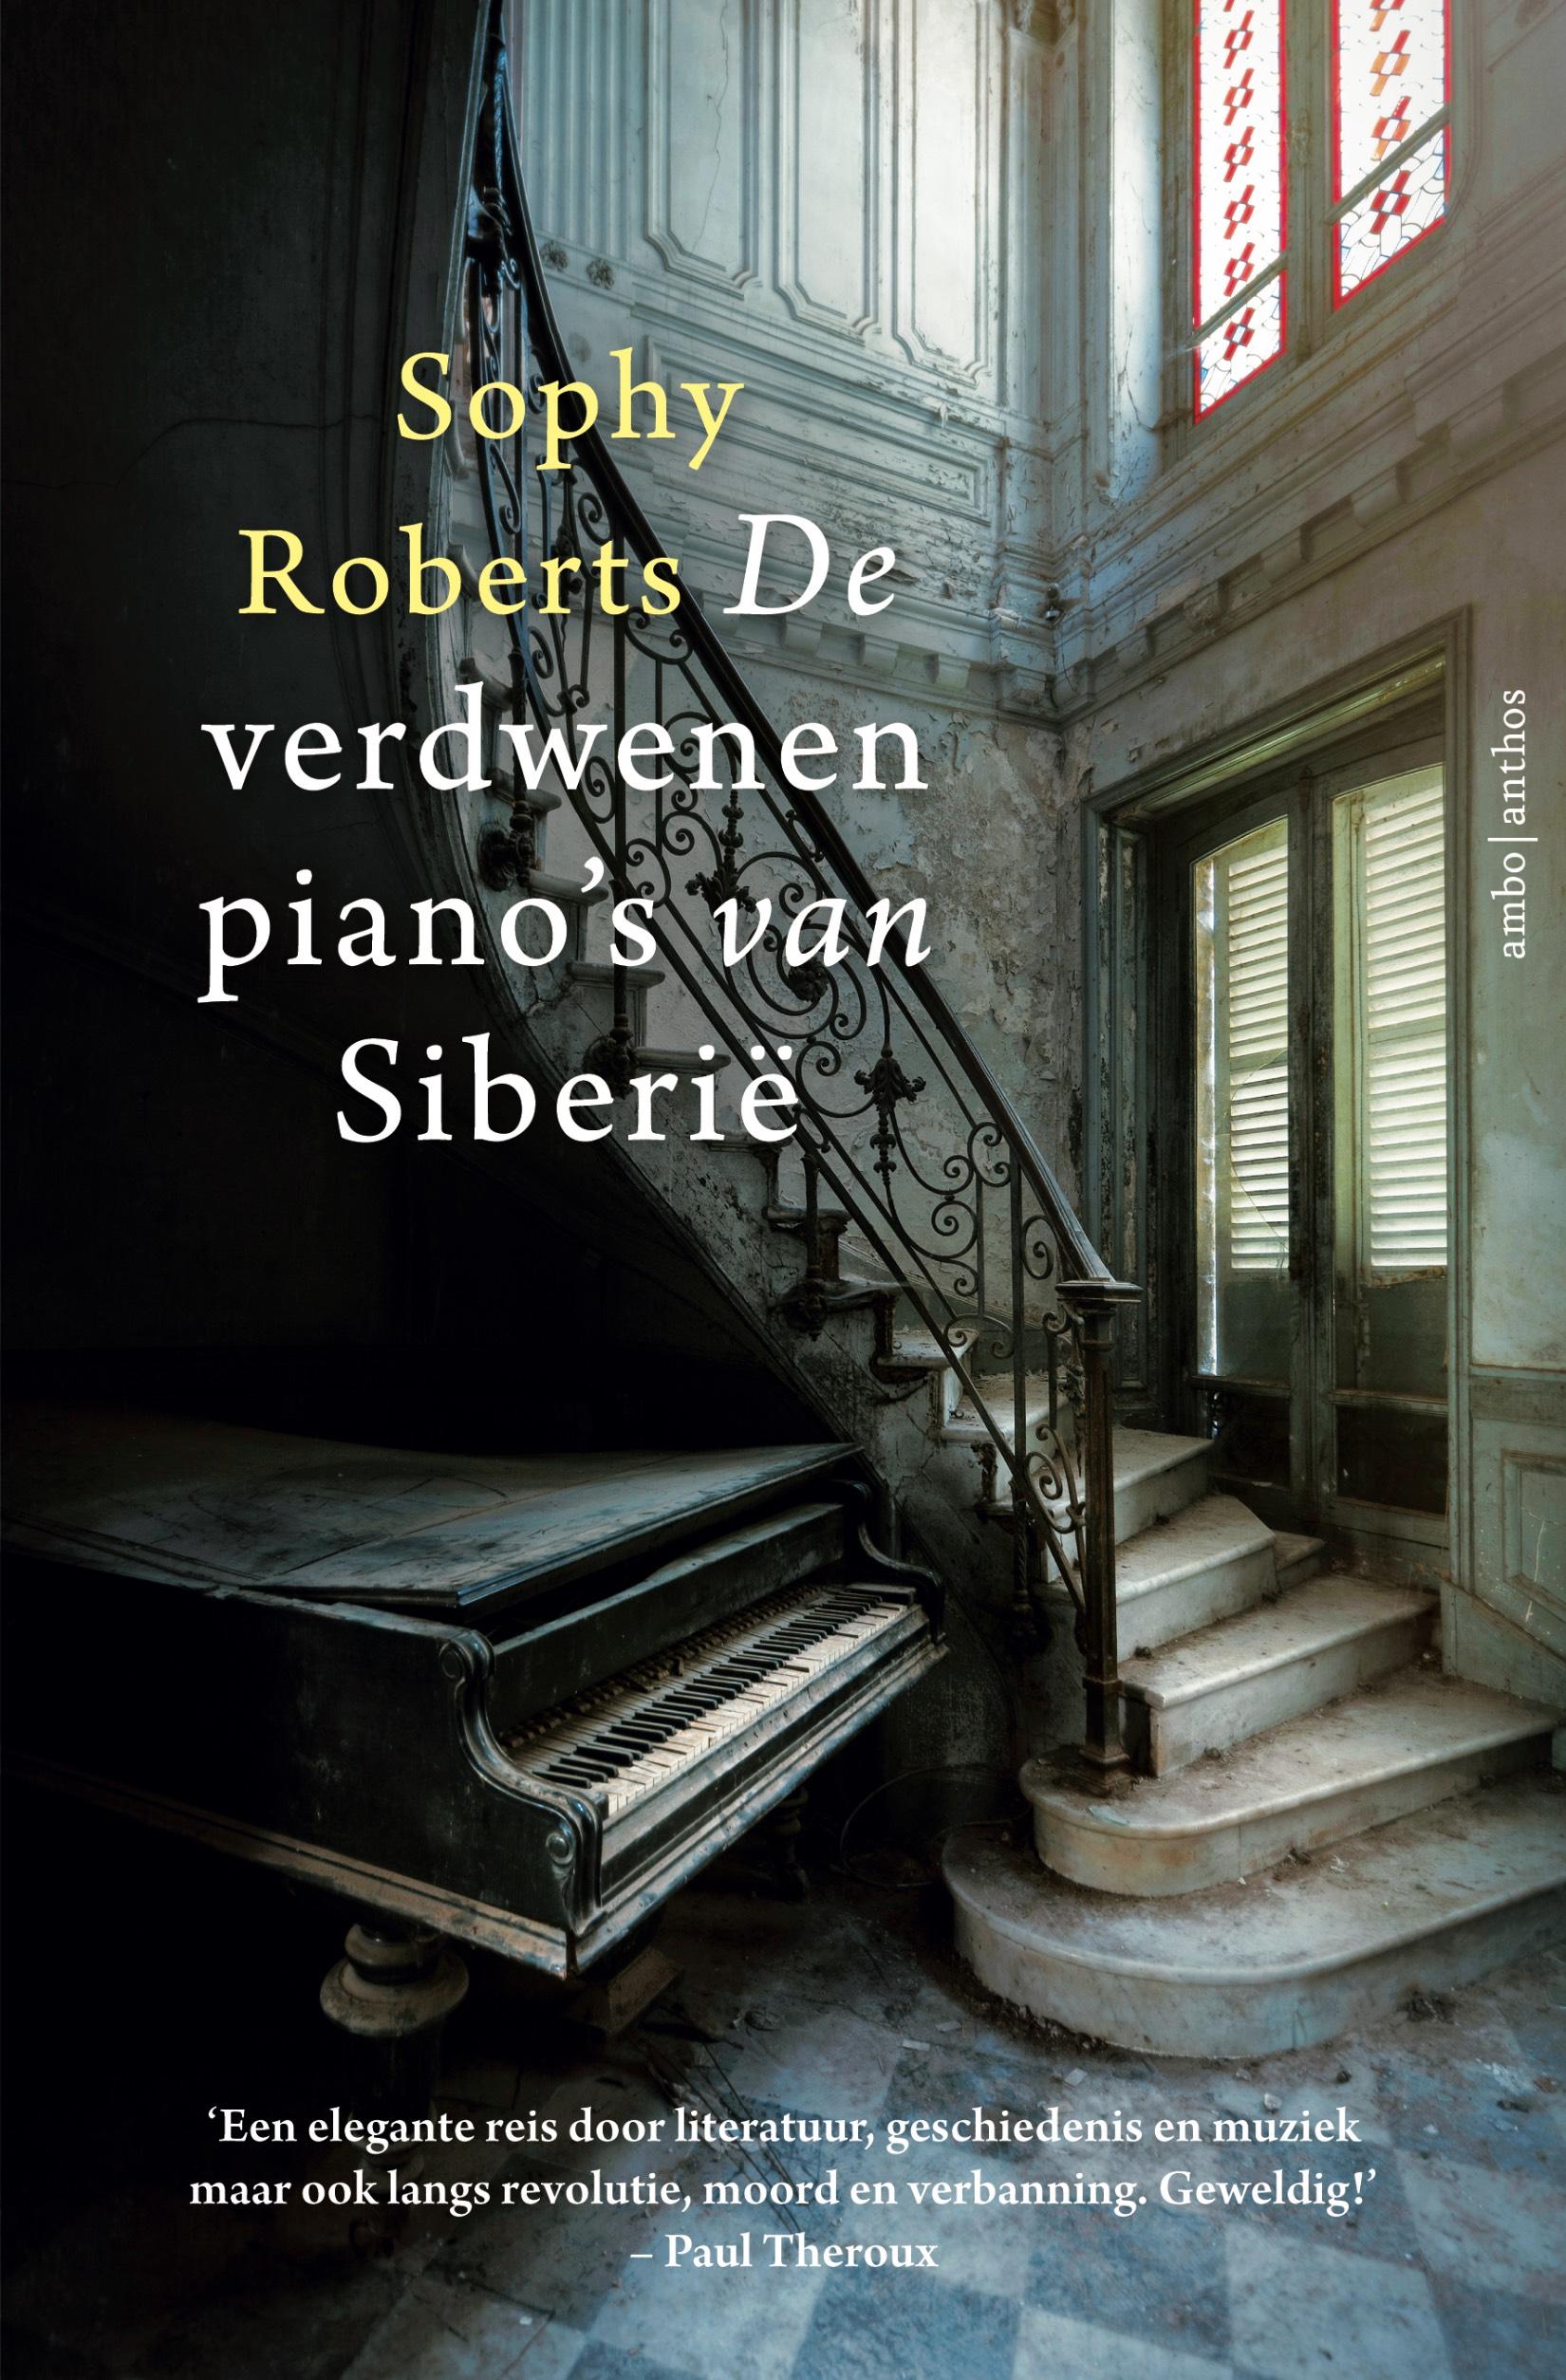 De verdwenen piano's van Siberië - boekenflits